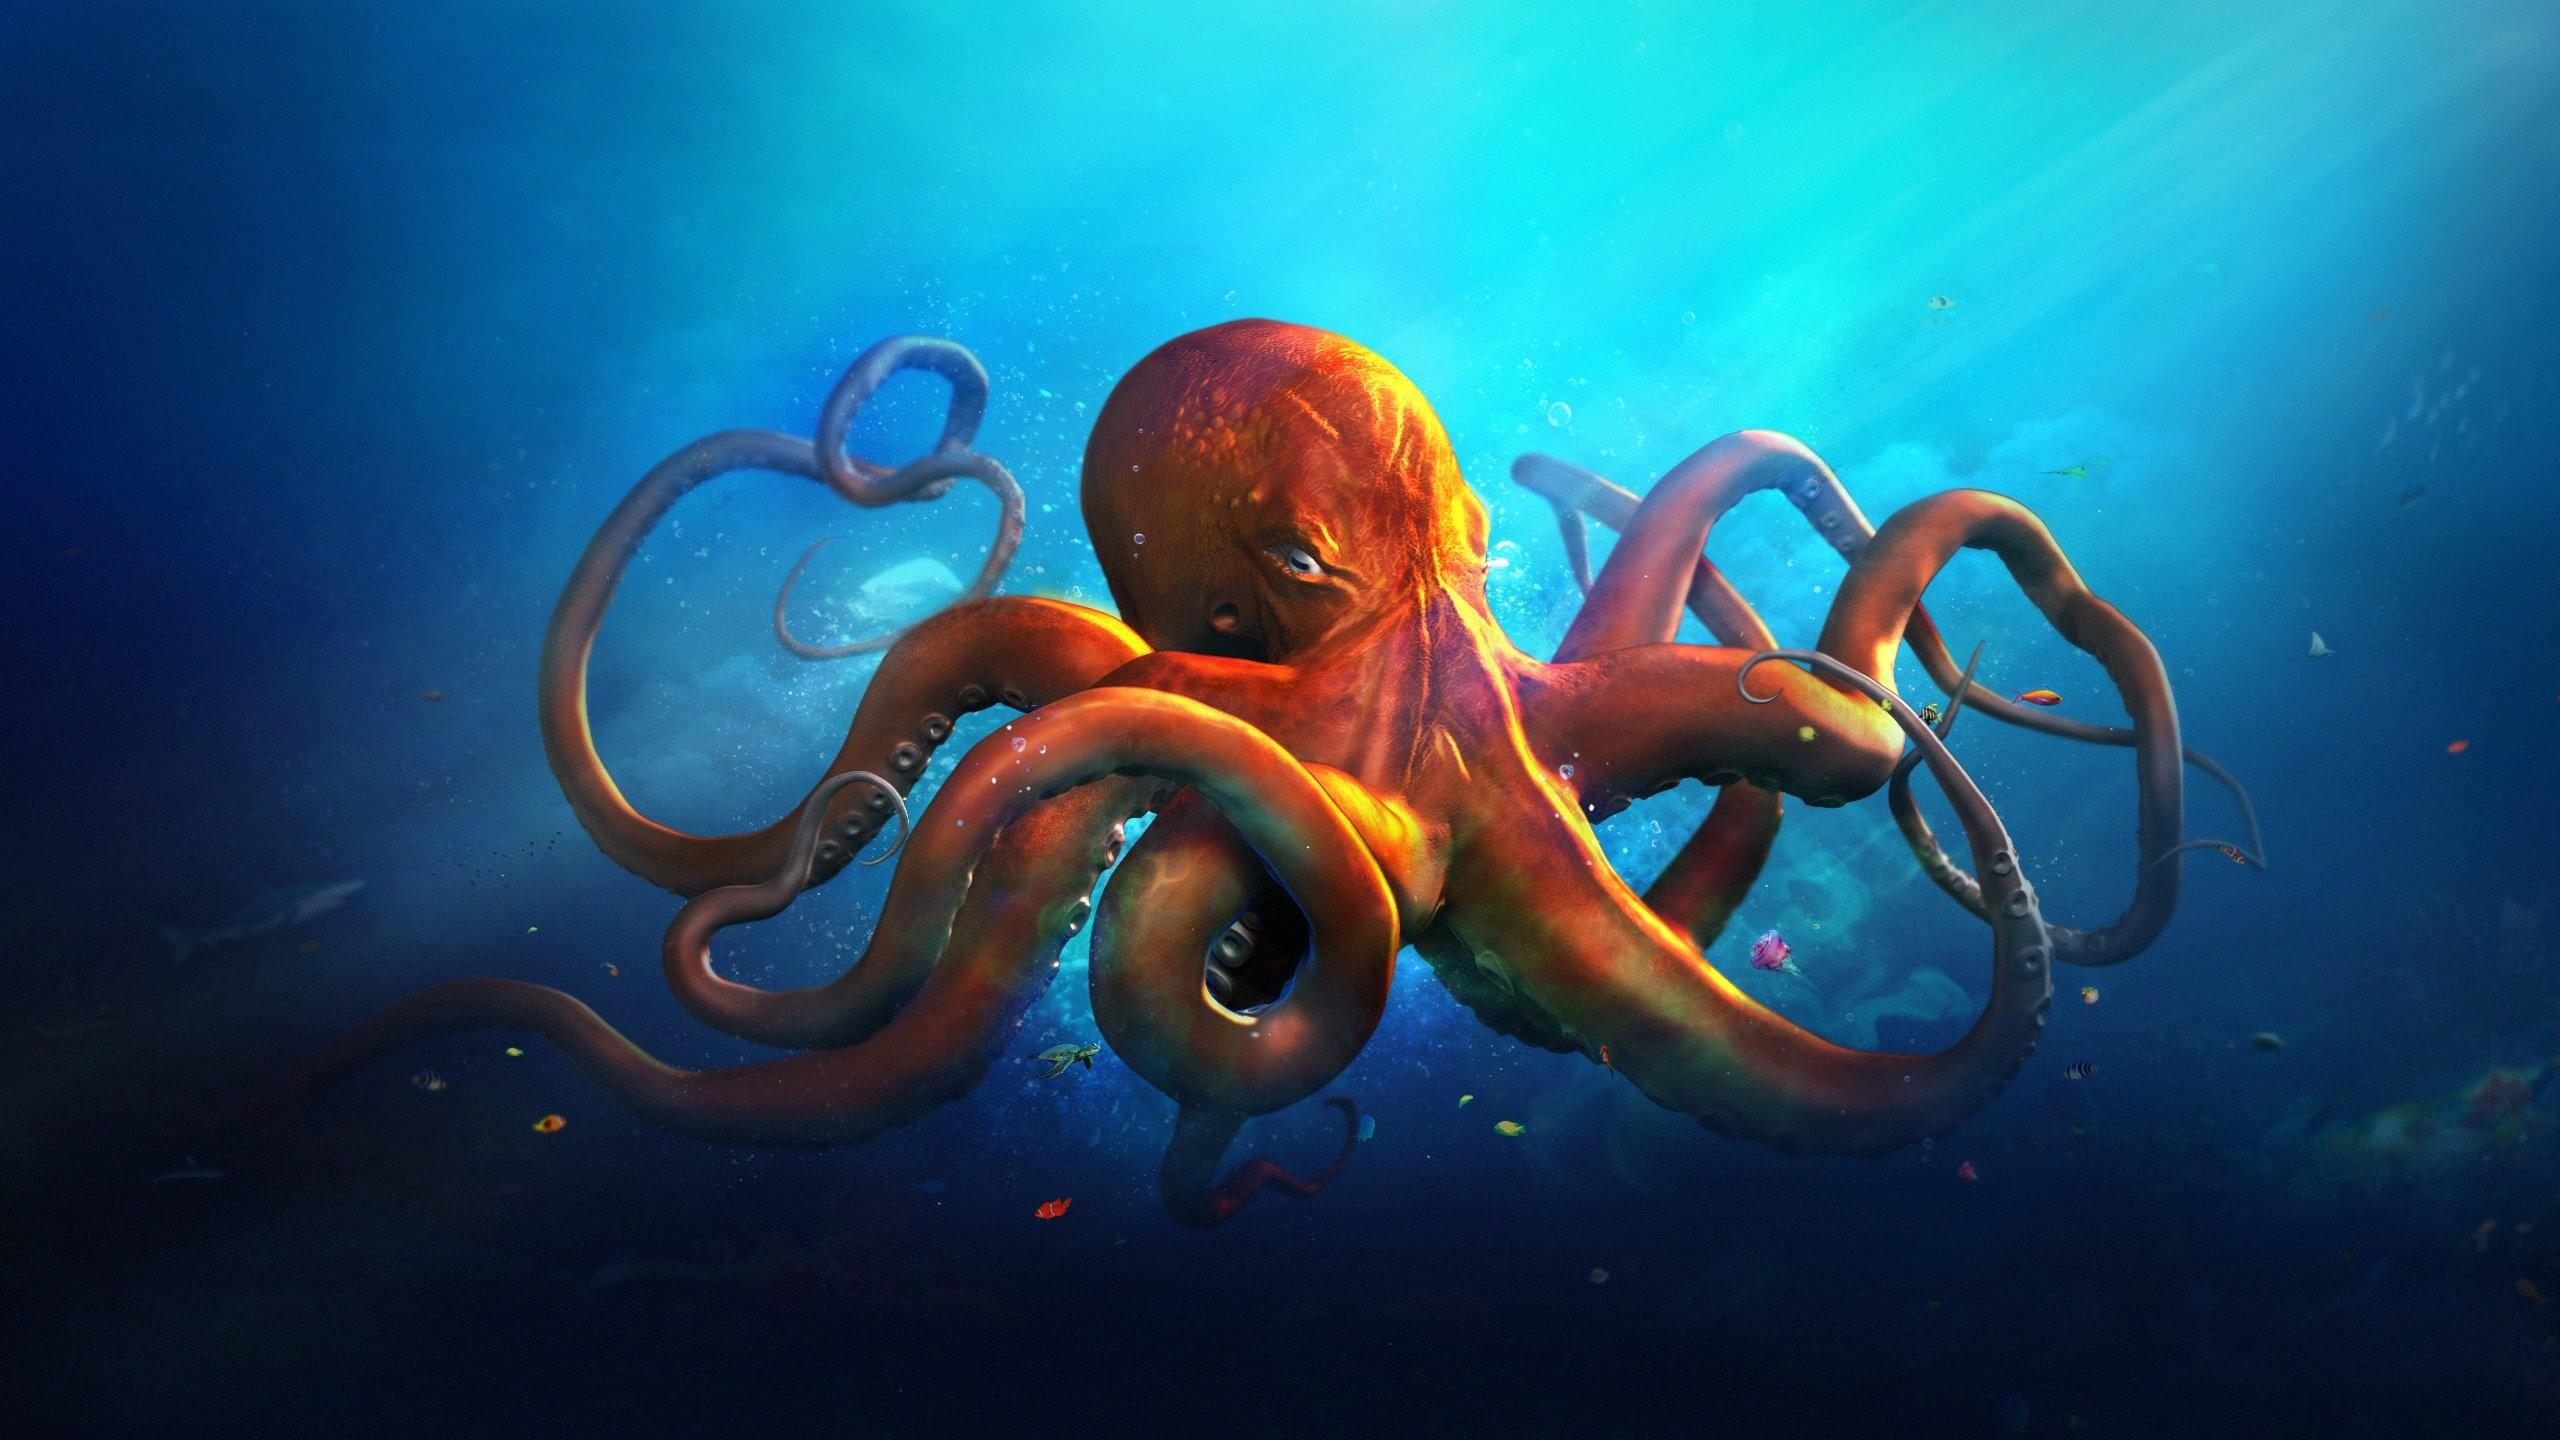 Pacific Ocean Underwater Animals HD Wide Wallpaper for Widescreen (52  Wallpapers) – HD Wallpapers